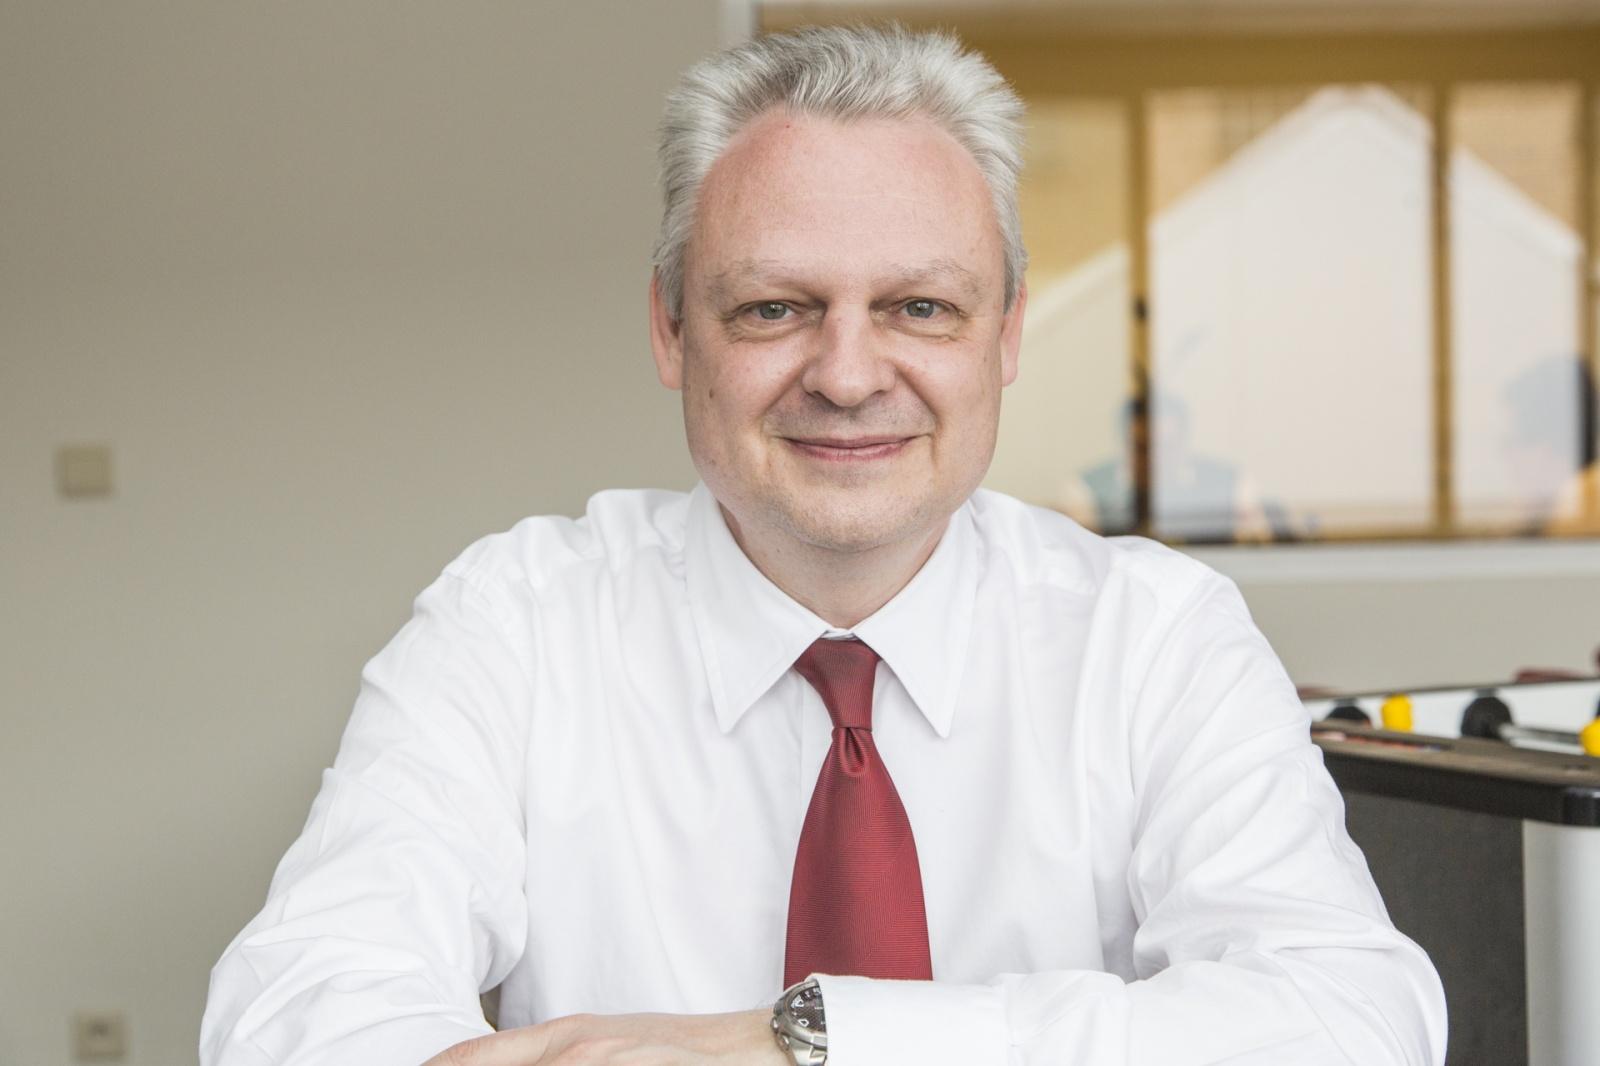 Интервью с Эдди Виллемсом (G Data Software AG): Смарт-безопасность и «Интернет неприятностей» - 2